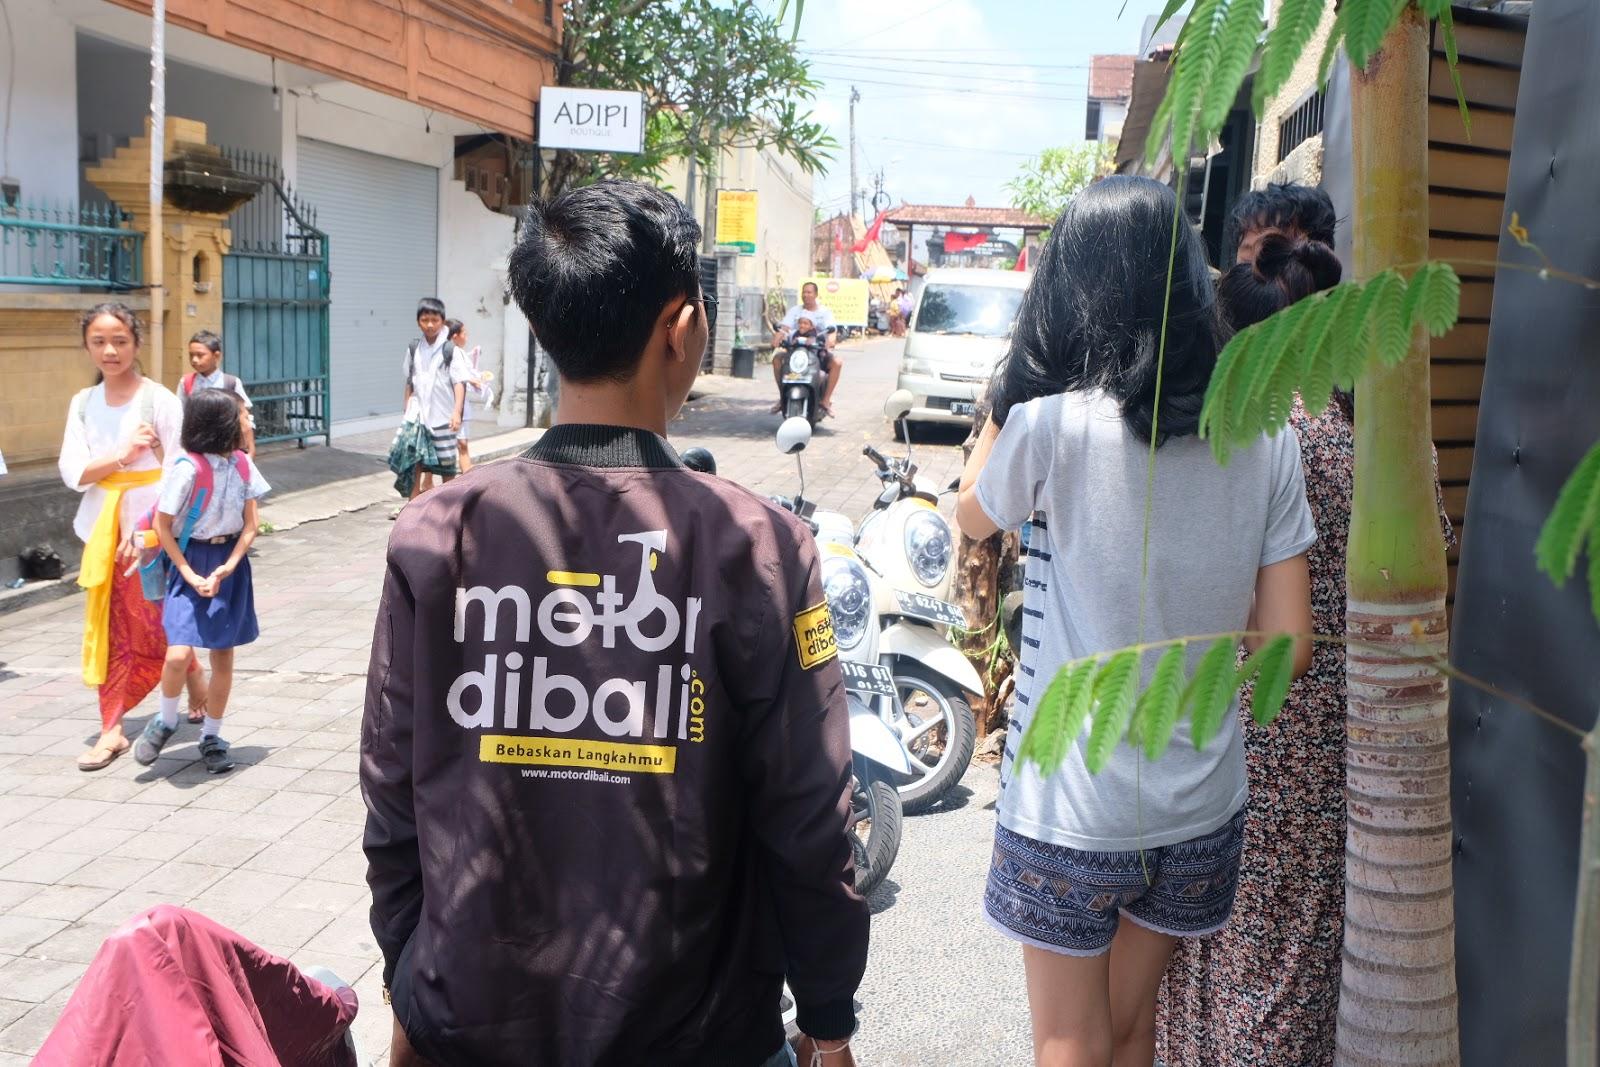 Sewa Motor di Bali 2020 Worth it ? Kelebihan, Harga, Lokasi, Kekurangan